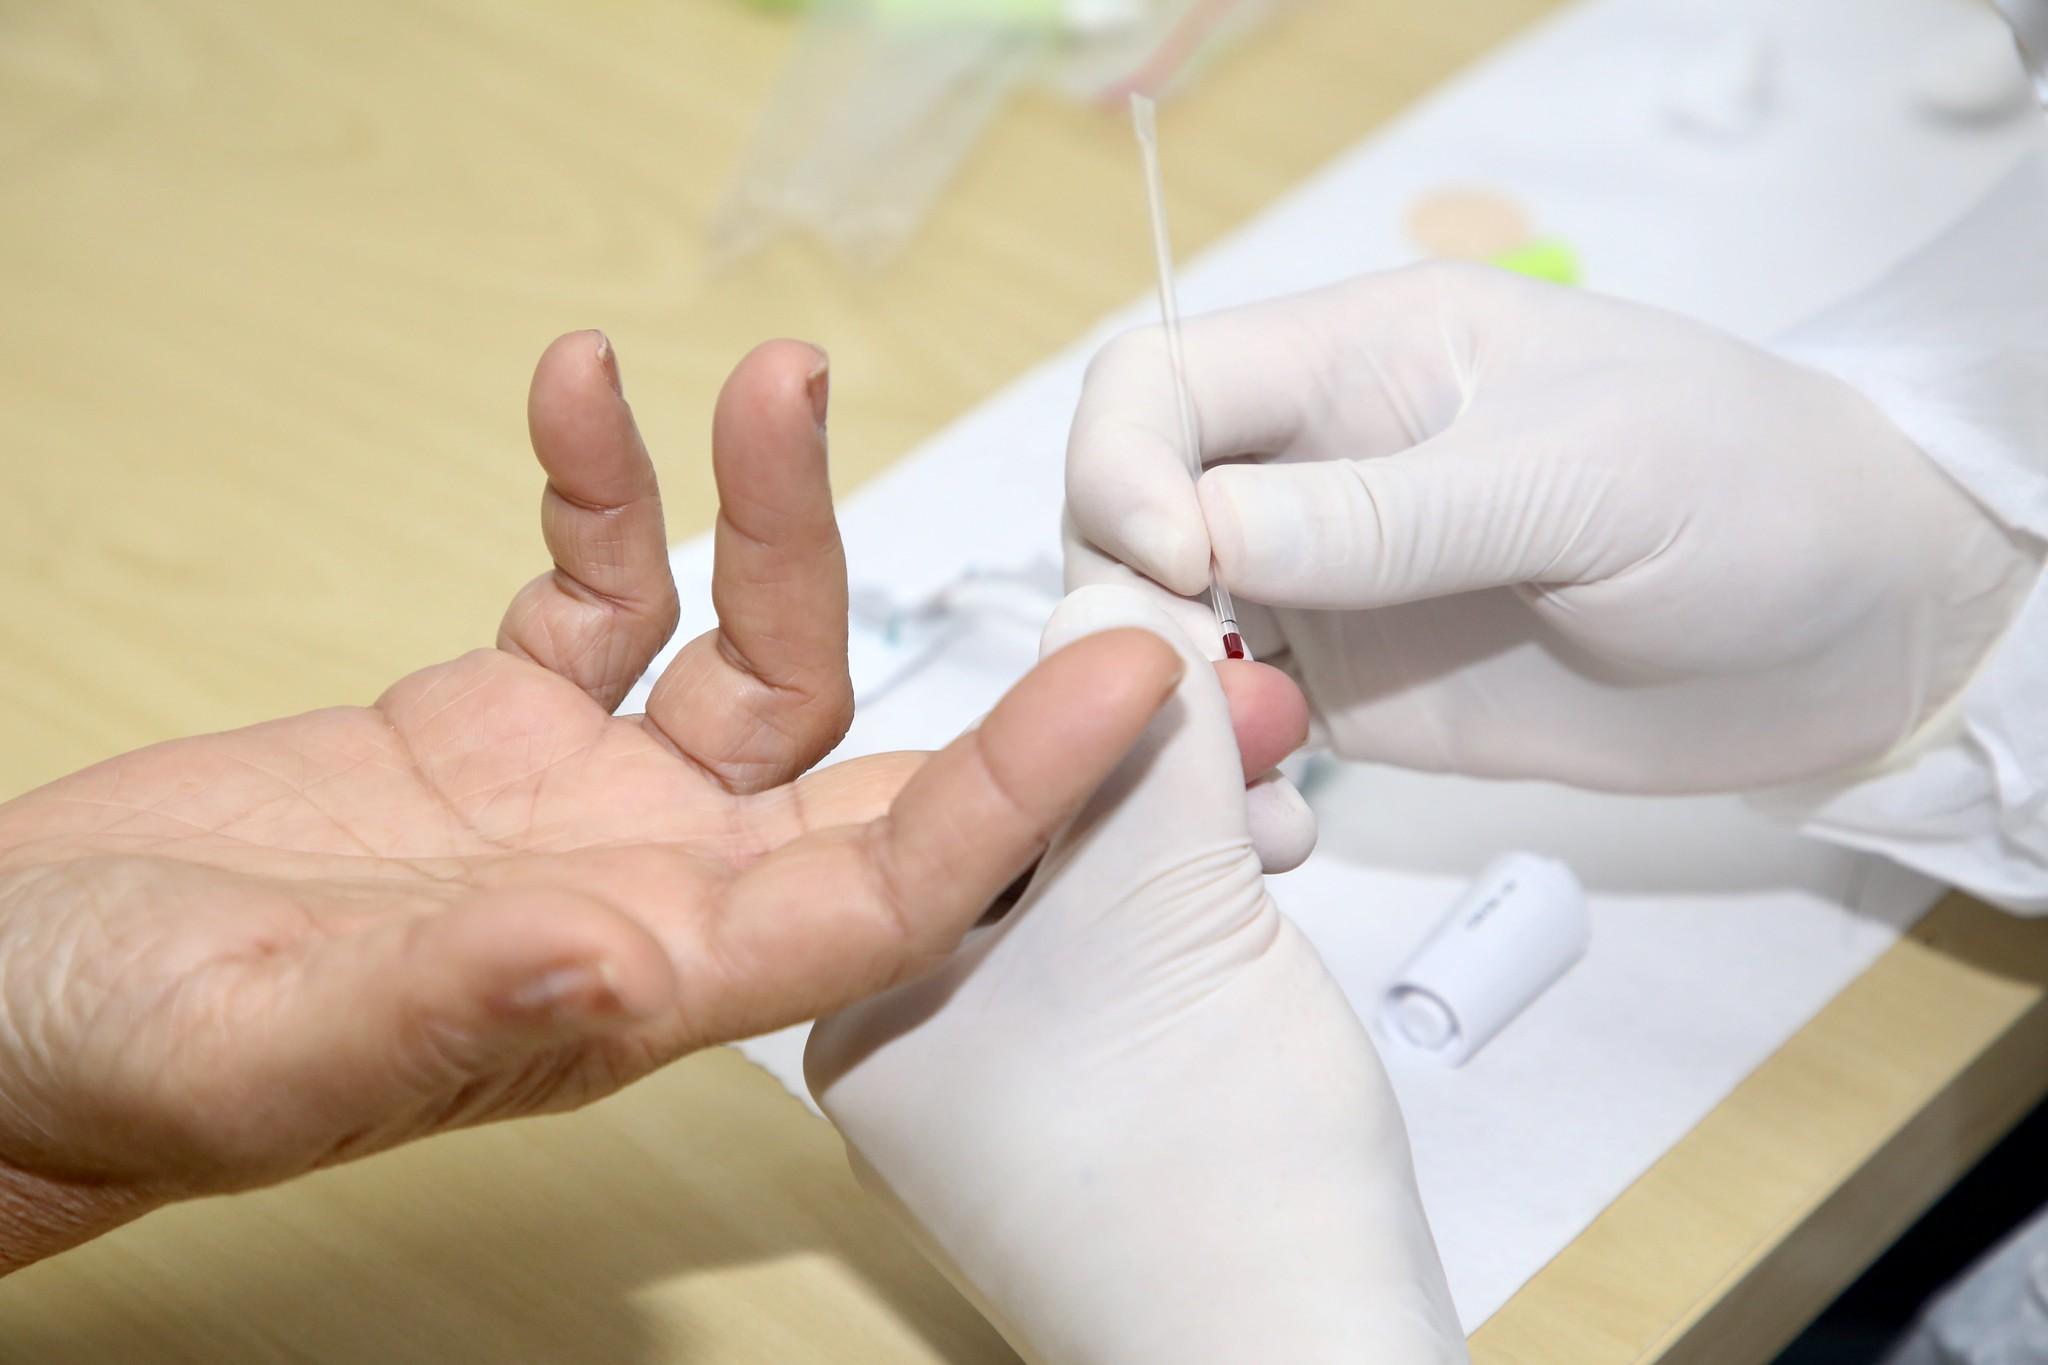 Farmácias já venderam mais de 1 milhão de testes rápidos da Covid-19 no Brasil